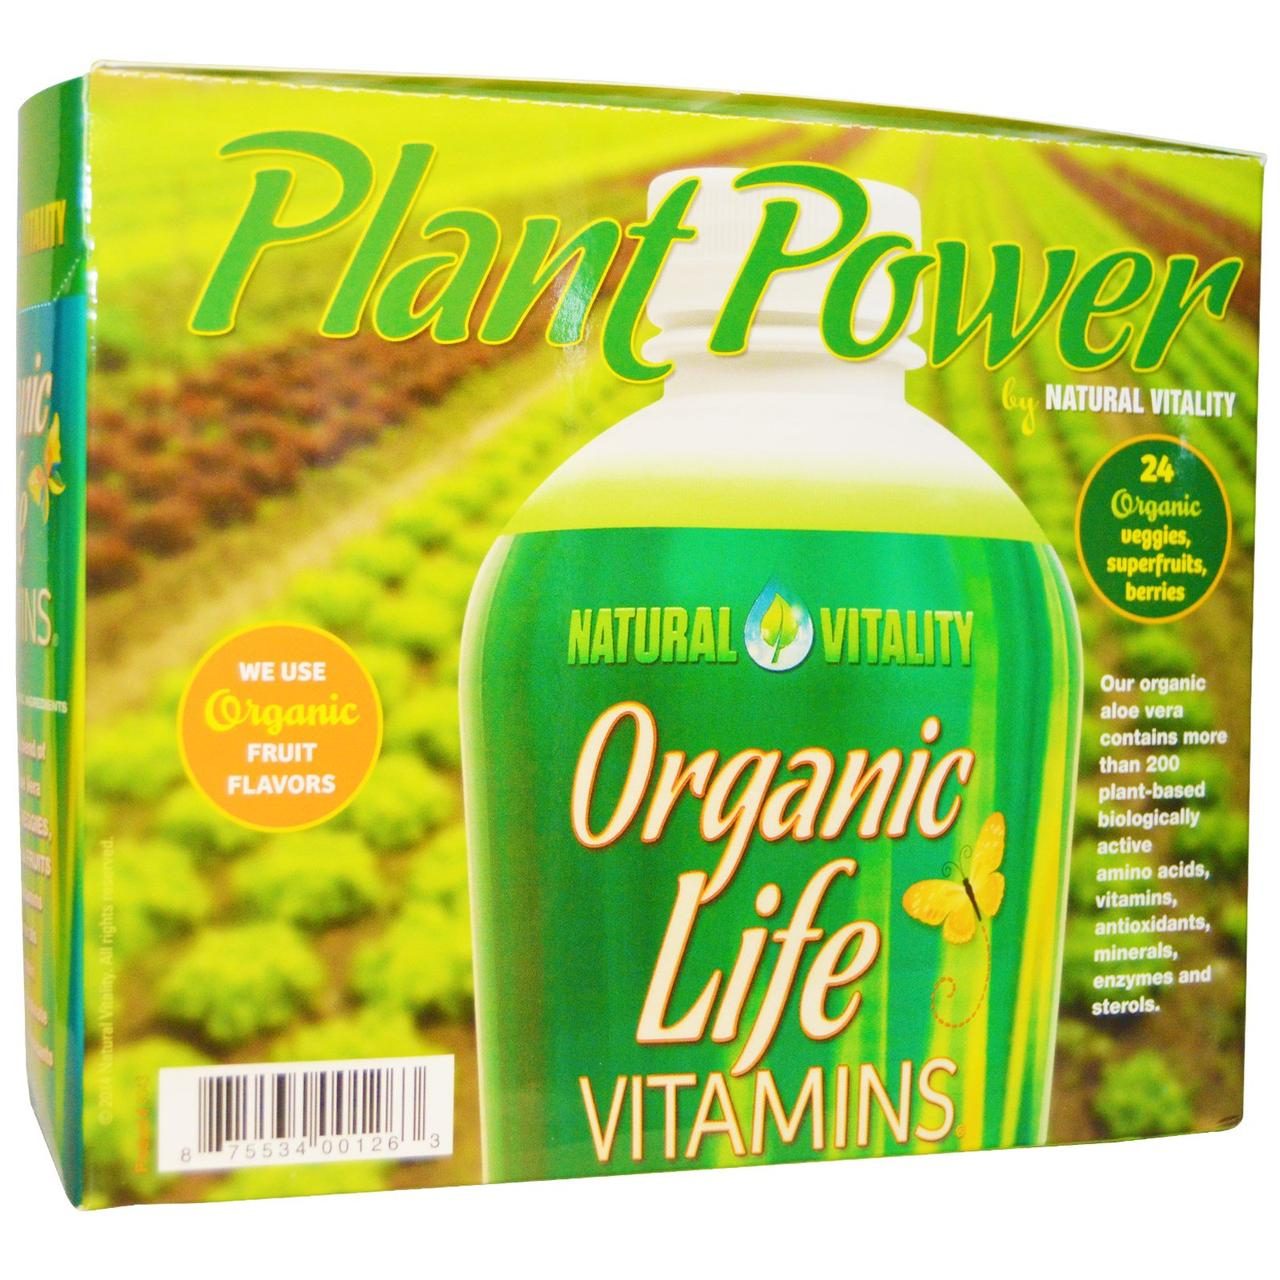 Natural Vitality, Organic Life, витамины, со вкусами натуральных фруктов, 30 пакетиков, 1 жидкая унция (30 мл) каждый